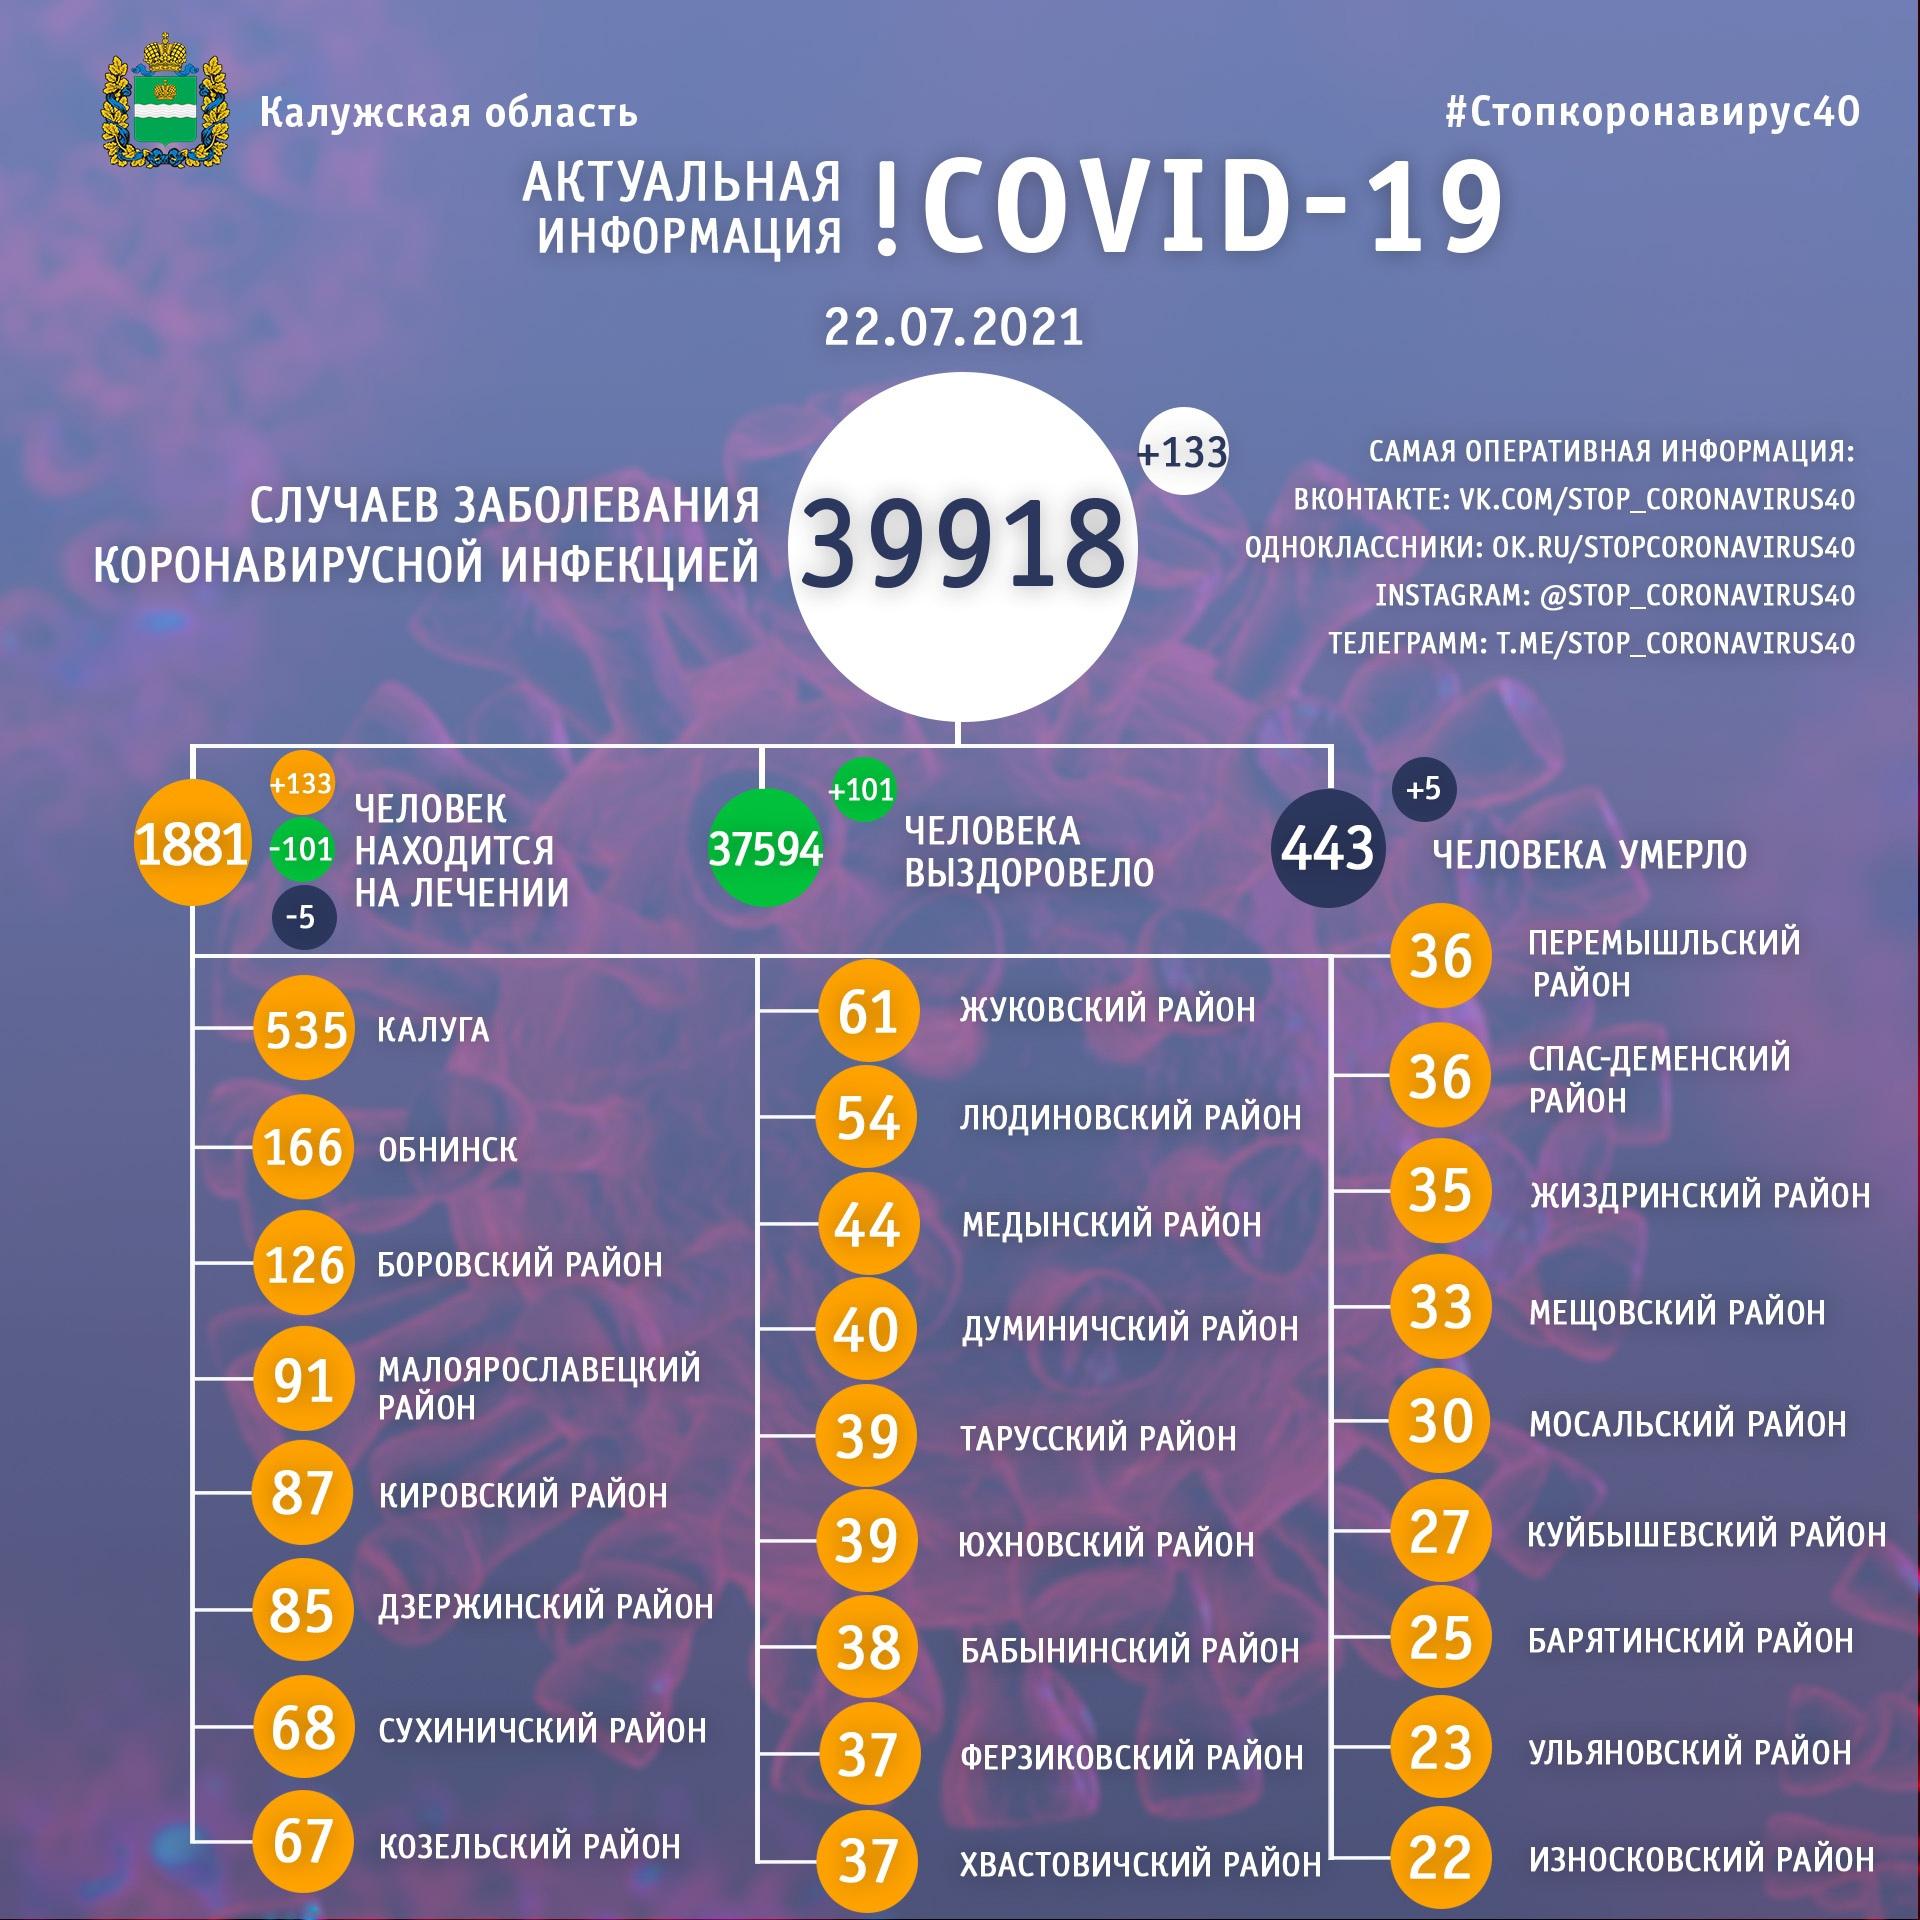 Официальная статистика по коронавирусу в Калужской области на 22 июля 2021 года.